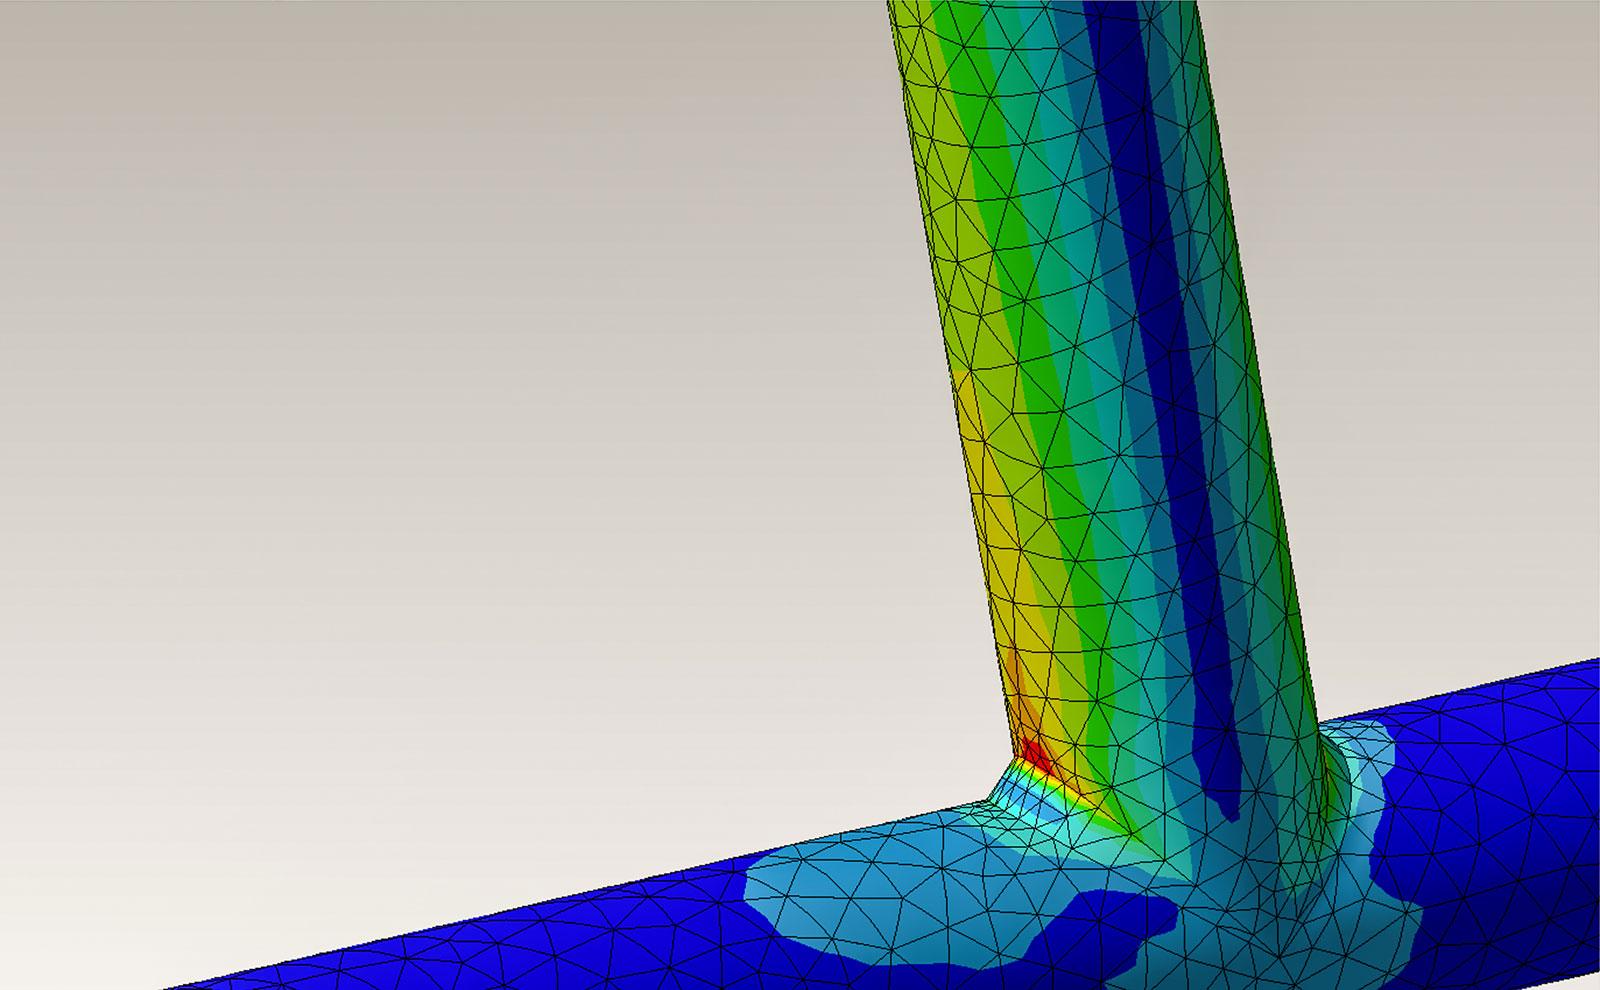 FEM Berechnungen von komplexen Bauteilen und Strukturen